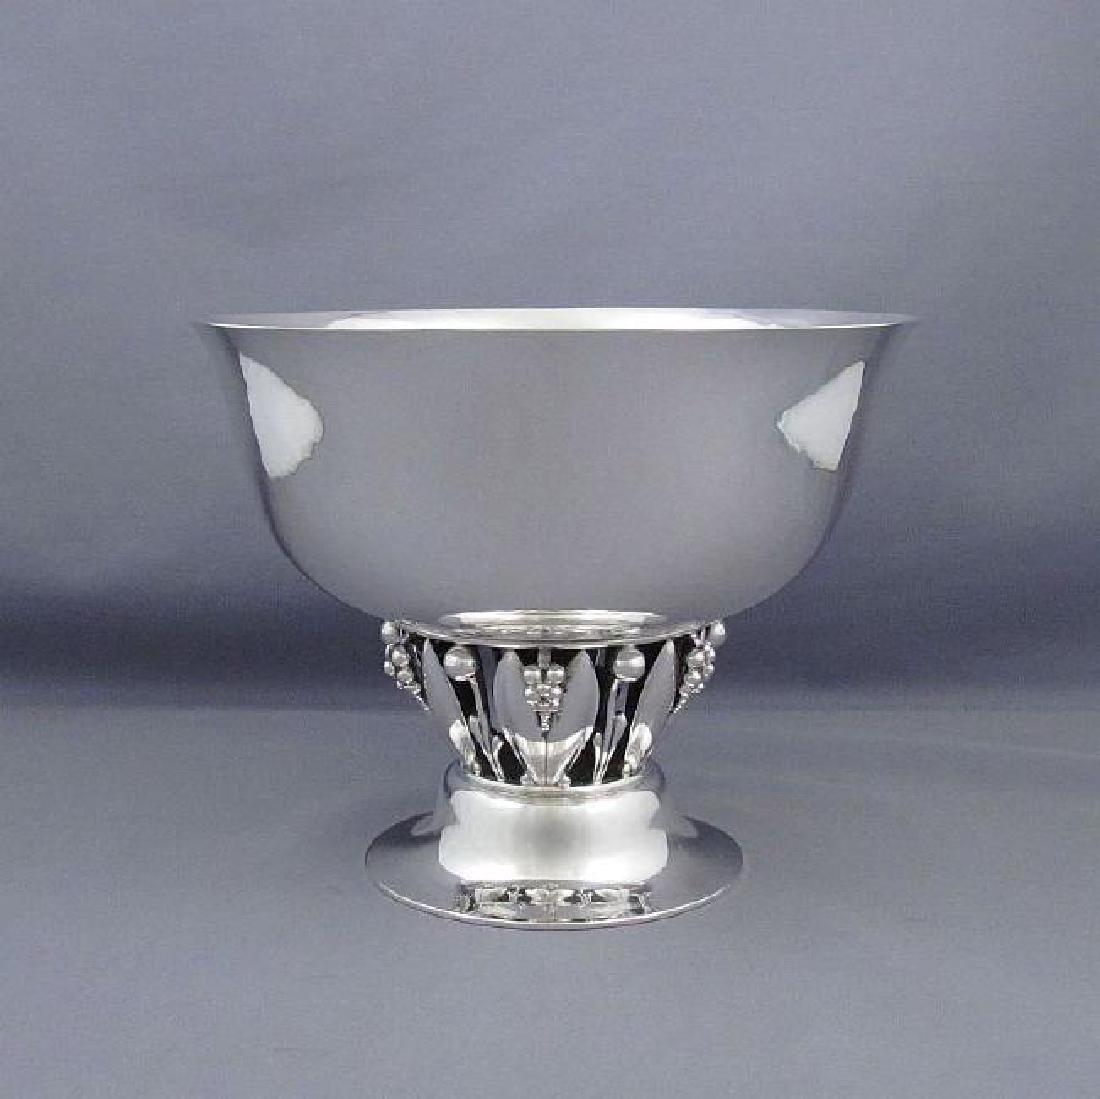 Vintage Georg Jensen Sterling Silver Pedestal Bowl